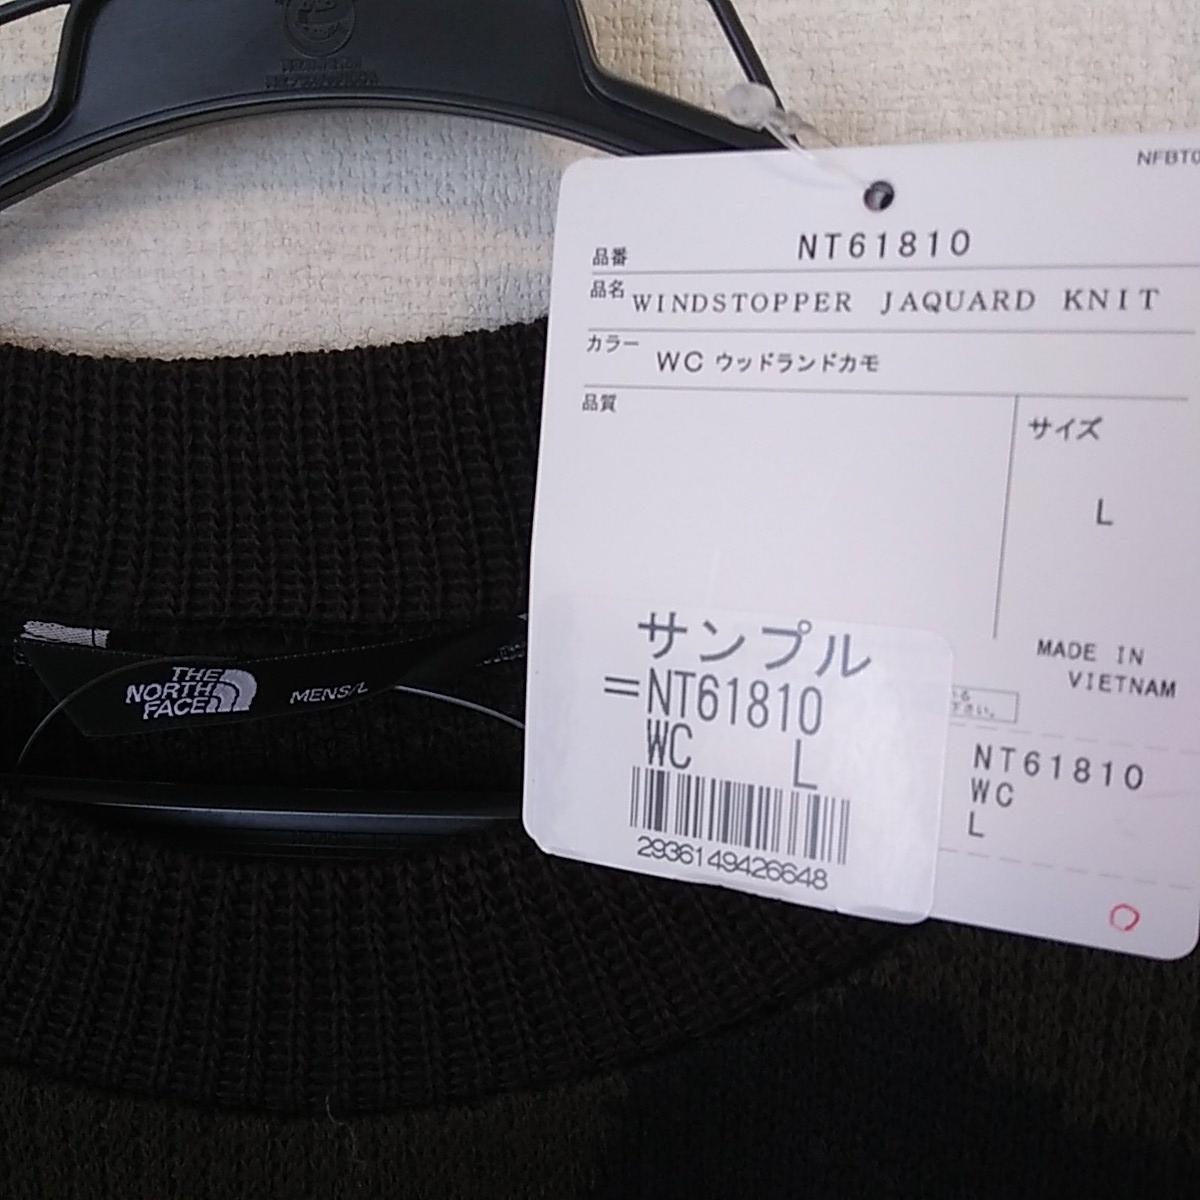 THE NORTH FACE ザノースフェイス ウインドストッパー ニット Lサイズ 身丈約69cm 身幅約54cm 新品正規品 セーター ジャケット